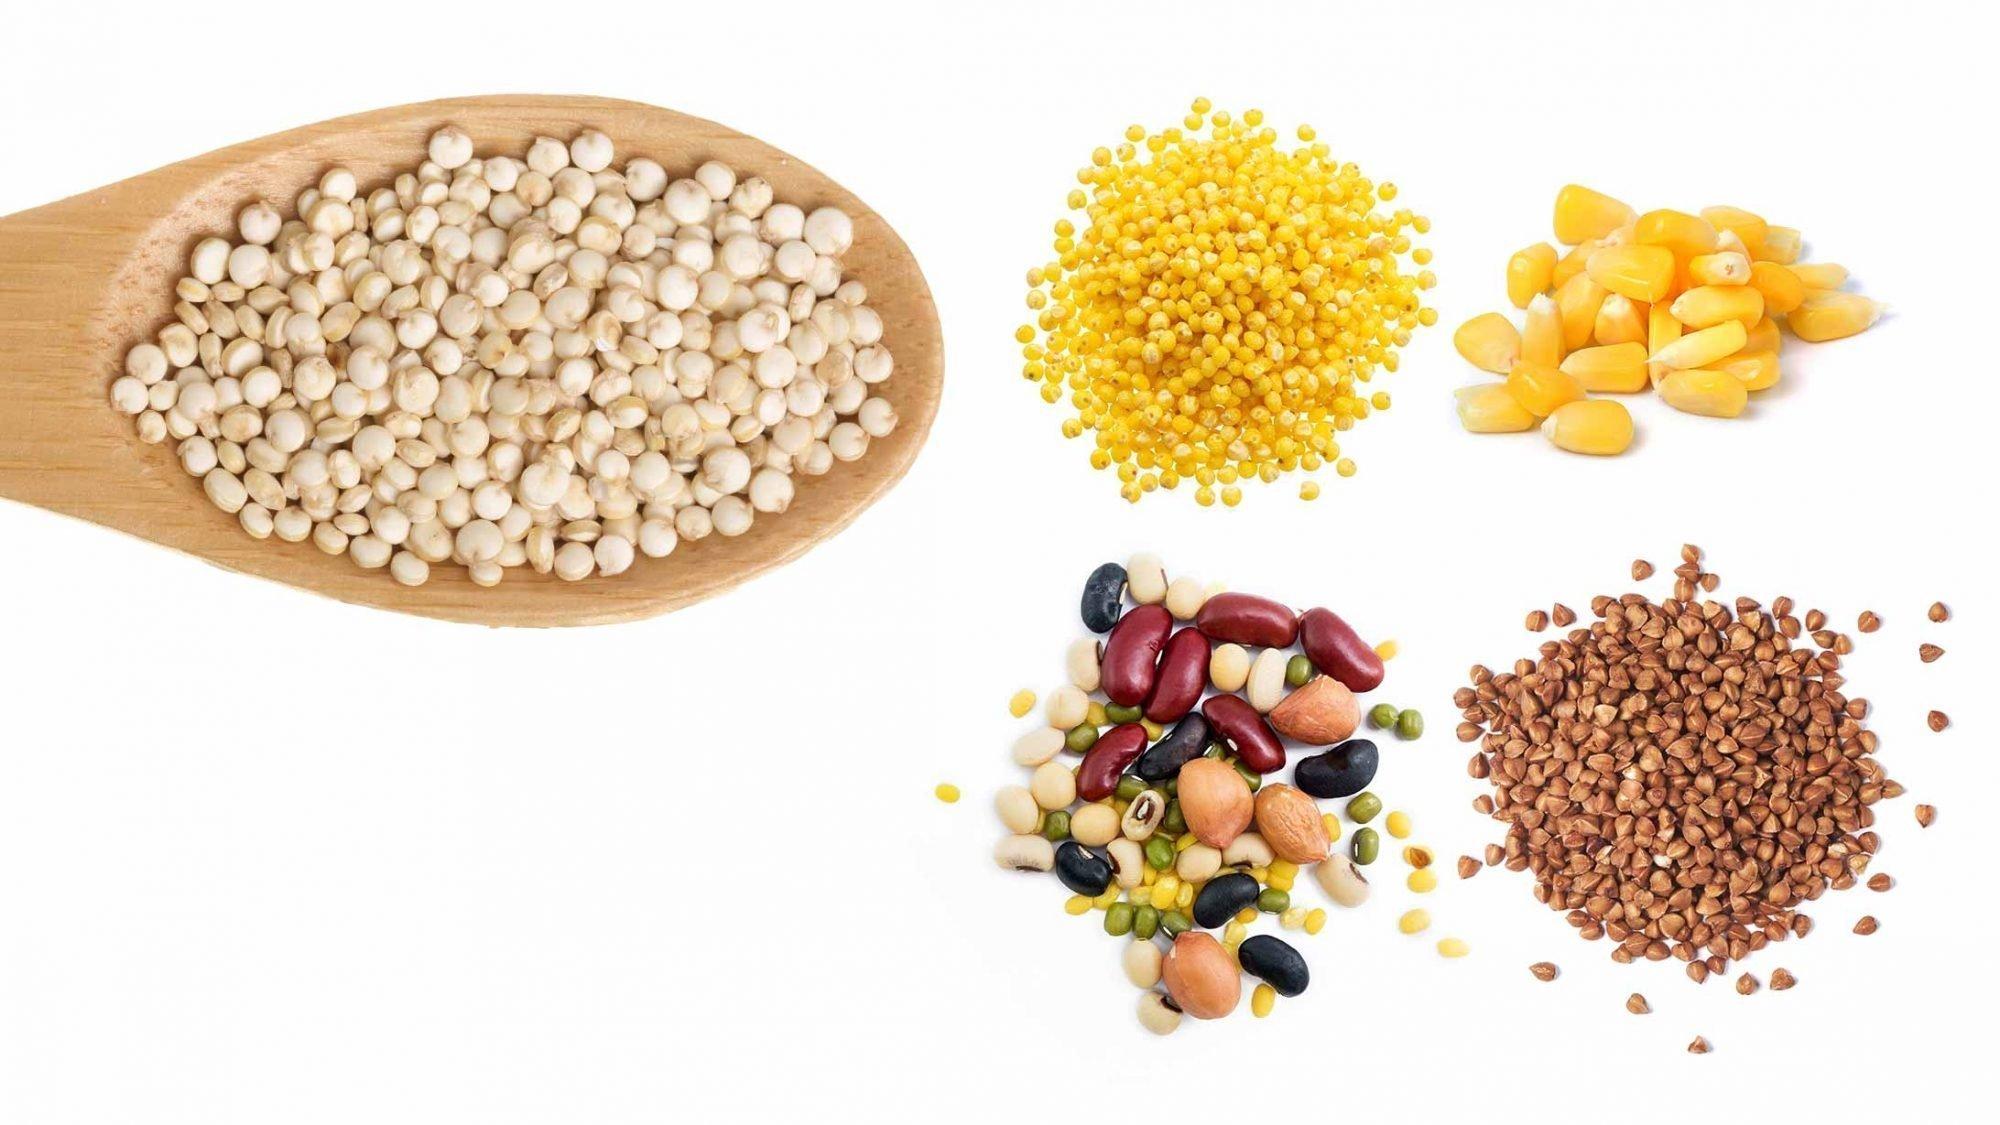 Hirse, Reis, Buchweizen, Mais und Hülsenfrüchte sind glutenfreie Alternativen zu Quinoa.